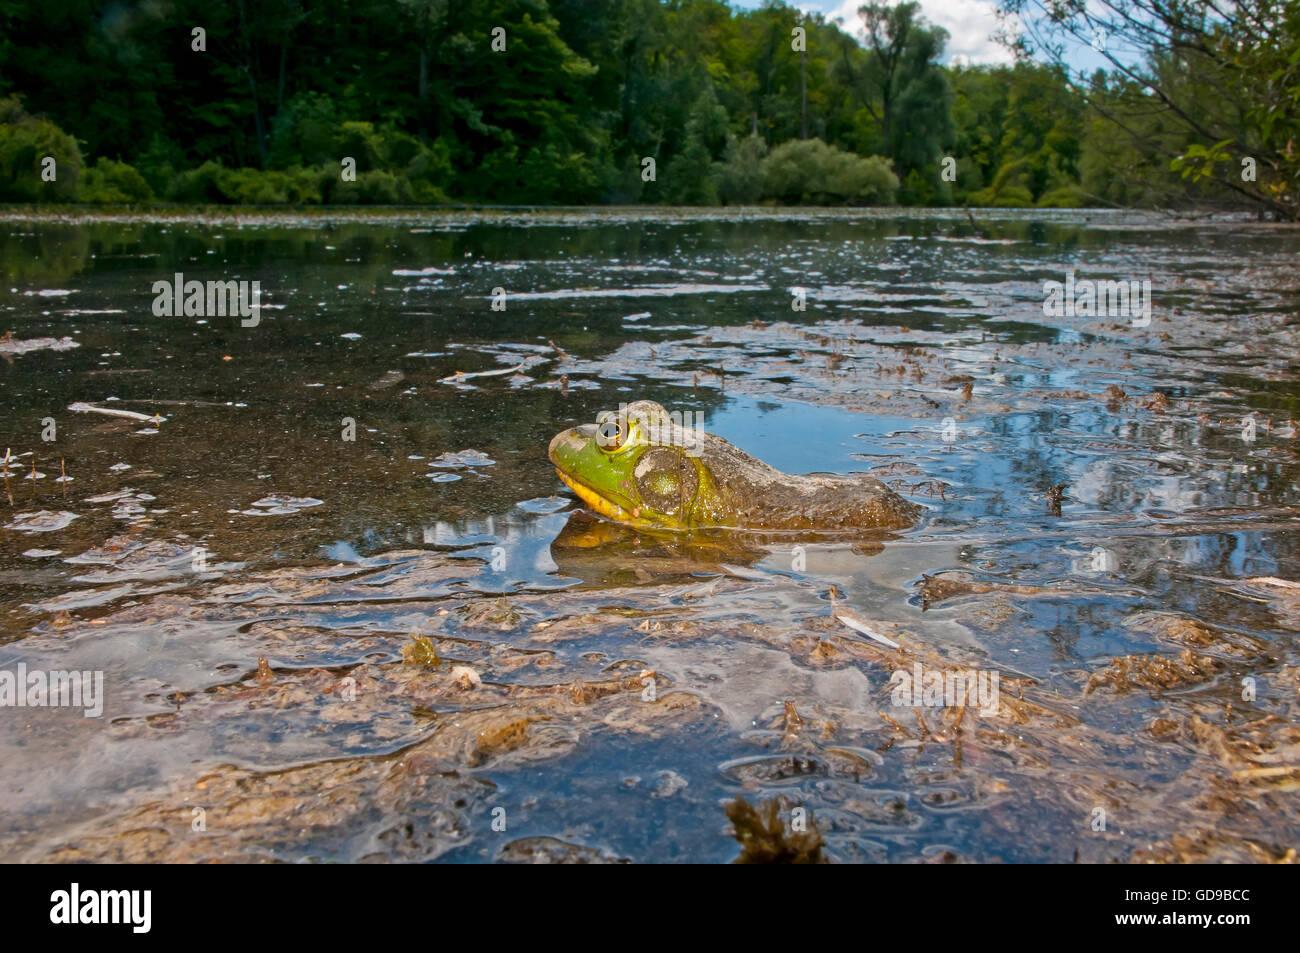 Frosch in einem Sumpf, Nordamerika Stockbild